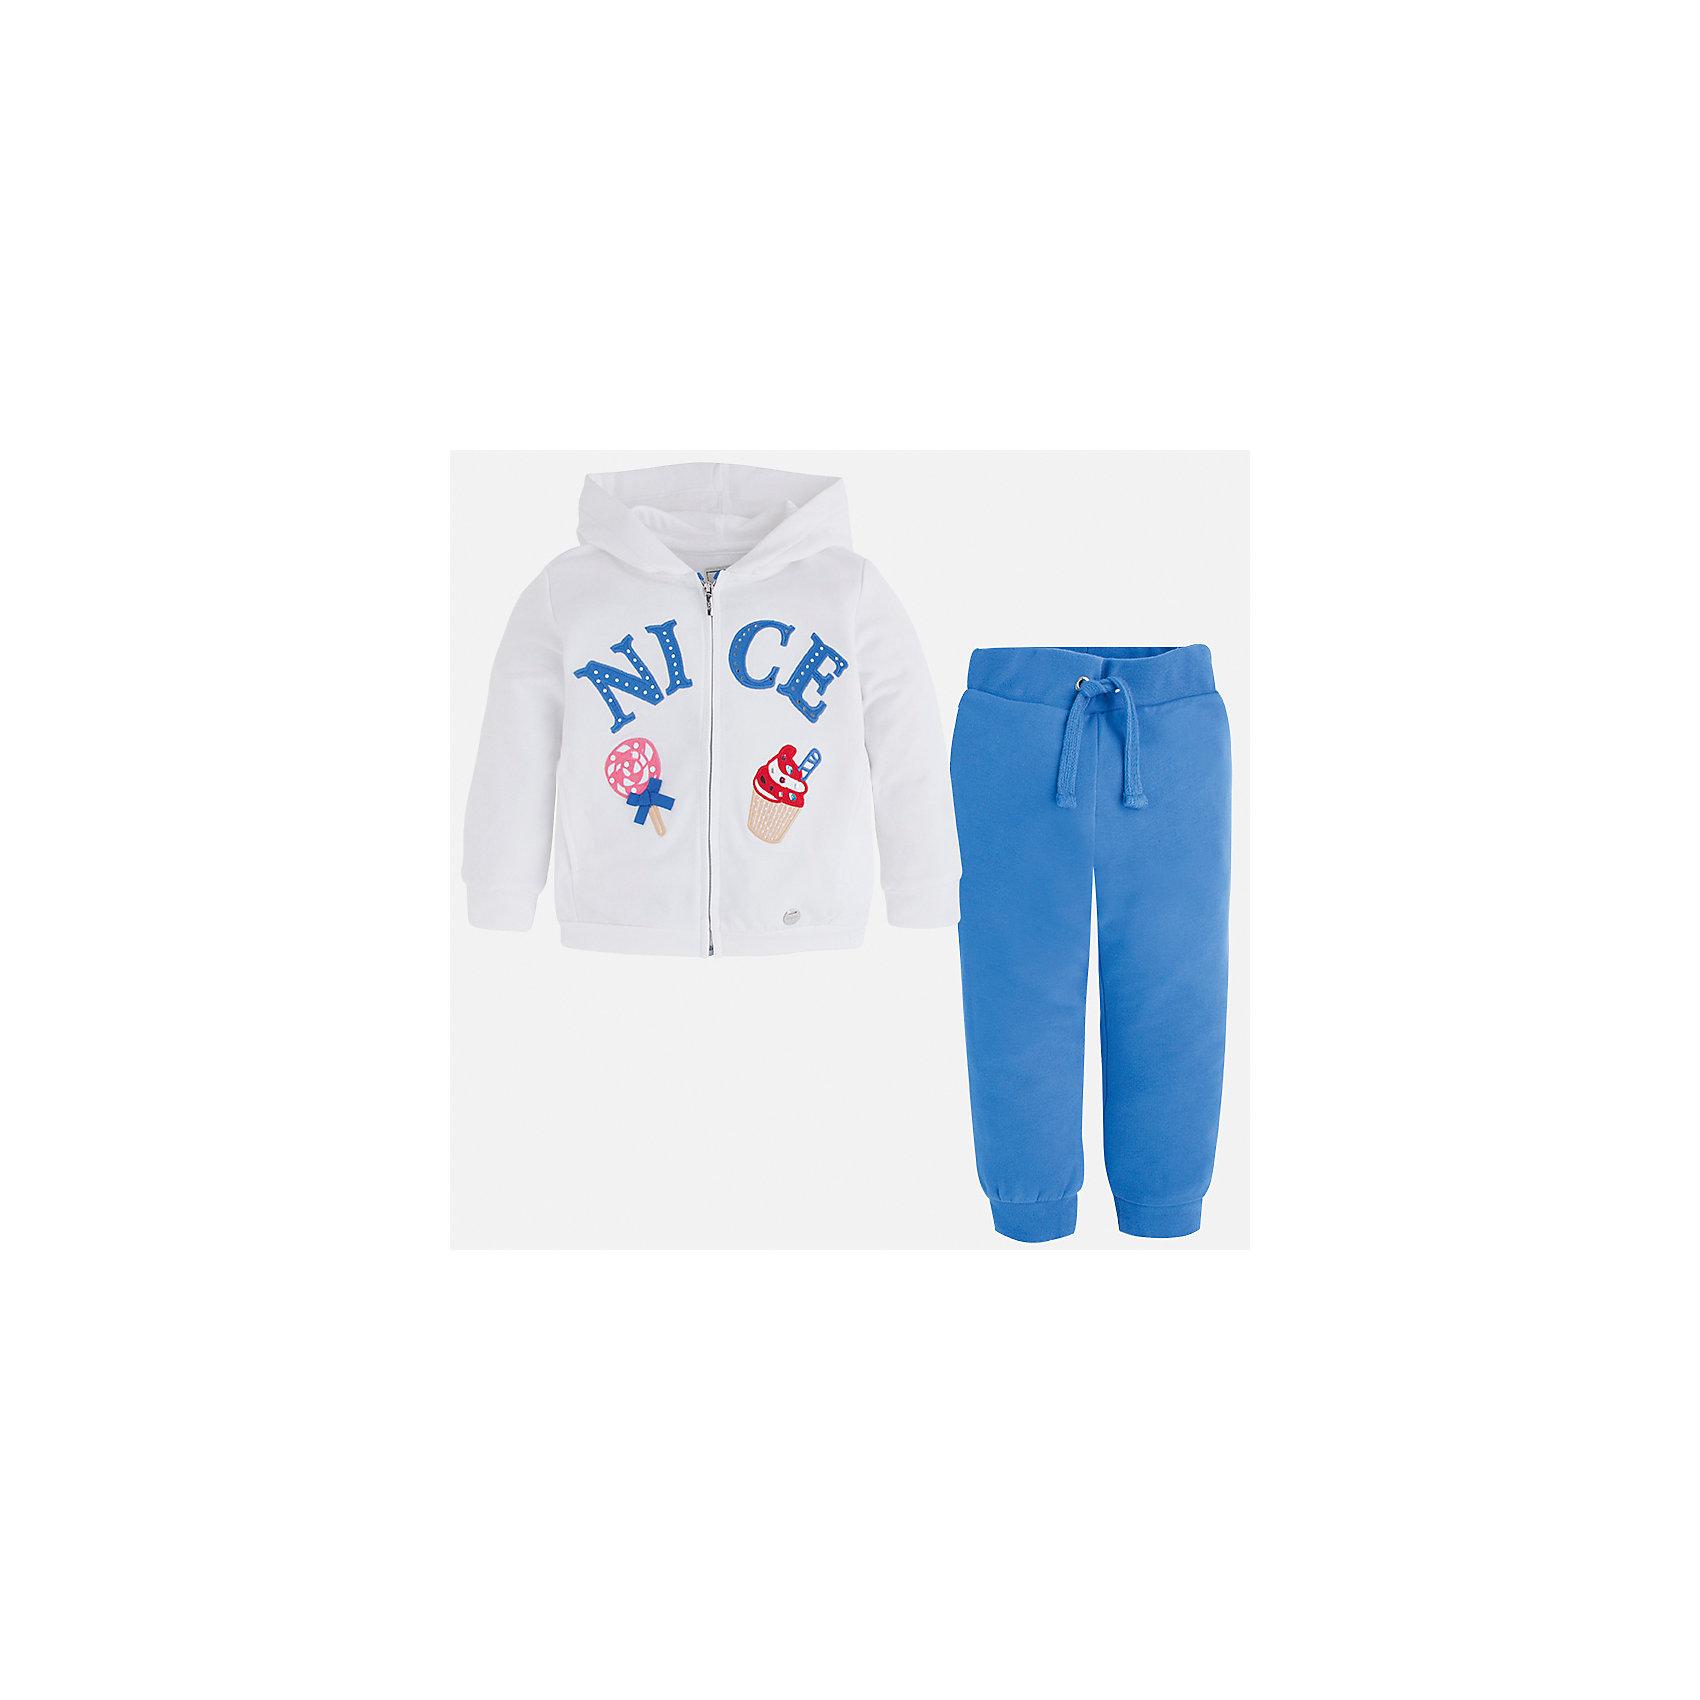 Спортивный костюм для девочки MayoralКомплекты<br>Характеристики товара:<br><br>• цвет: белый/синий<br>• состав: 58% хлопок, 39% полиэстер, 3% эластан<br>• комплектация: курточка, штаны<br>• куртка декорирована принтом<br>• карманы<br>• капюшон<br>• штаны однотонные<br>• пояс на шнурке<br>• манжеты<br>• страна бренда: Испания<br><br>Стильный качественный спортивный костюм для девочки поможет разнообразить гардероб ребенка и удобно одеться в теплую погоду. Курточка и штаны отлично сочетаются с другими предметами. Универсальный цвет позволяет подобрать к вещам верхнюю одежду практически любой расцветки. Интересная отделка модели делает её нарядной и оригинальной. В составе материала - натуральный хлопок, гипоаллергенный, приятный на ощупь, дышащий.<br><br>Одежда, обувь и аксессуары от испанского бренда Mayoral полюбились детям и взрослым по всему миру. Модели этой марки - стильные и удобные. Для их производства используются только безопасные, качественные материалы и фурнитура. Порадуйте ребенка модными и красивыми вещами от Mayoral! <br><br>Спортивный костюм для девочки от испанского бренда Mayoral (Майорал) можно купить в нашем интернет-магазине.<br><br>Ширина мм: 199<br>Глубина мм: 10<br>Высота мм: 161<br>Вес г: 151<br>Цвет: голубой<br>Возраст от месяцев: 48<br>Возраст до месяцев: 60<br>Пол: Женский<br>Возраст: Детский<br>Размер: 110,98,92,104,134,122,128,116<br>SKU: 4071563